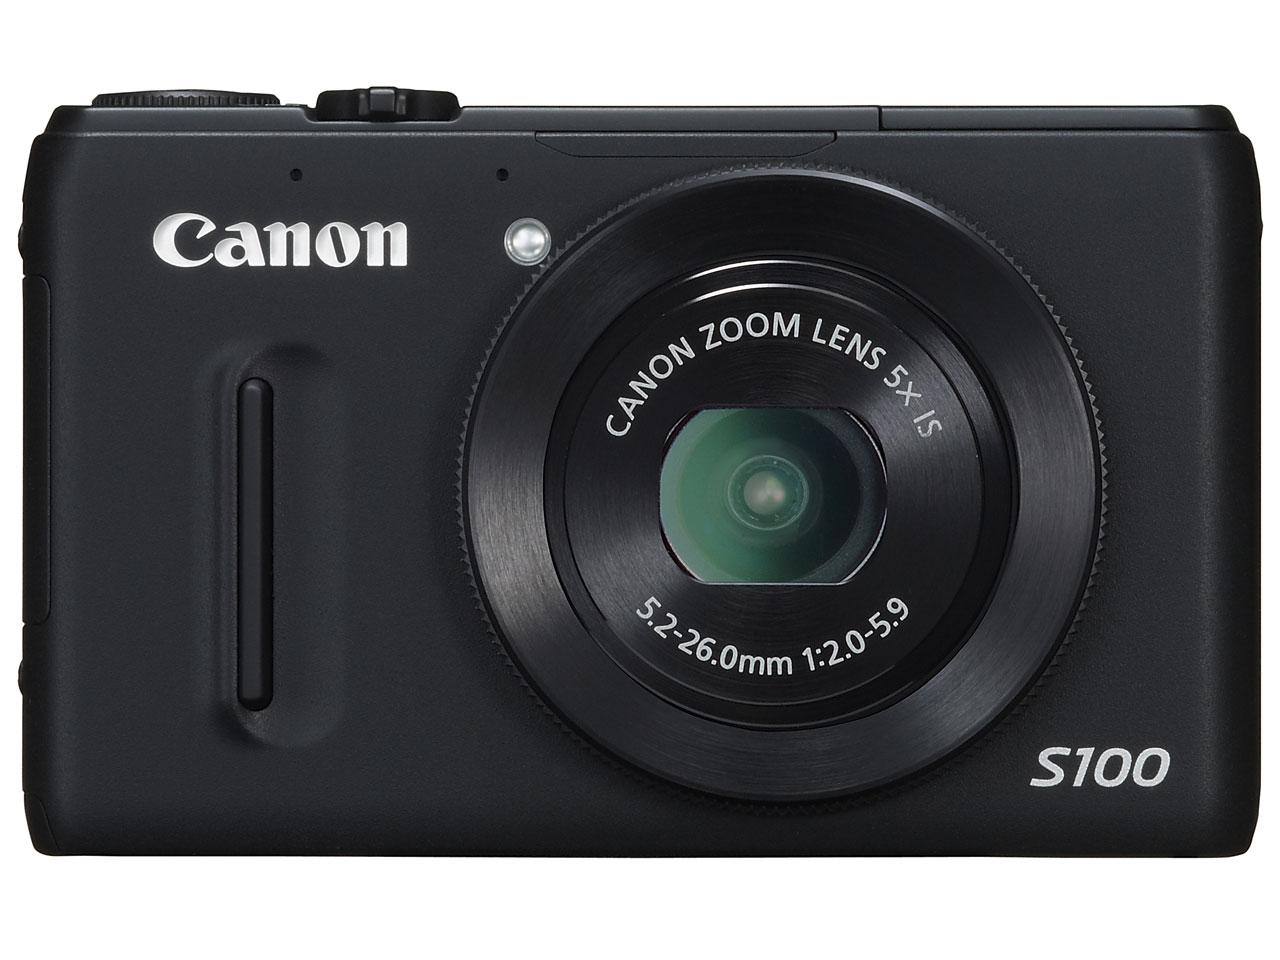 キャノン PowerShot S100の使用感は果たして!?